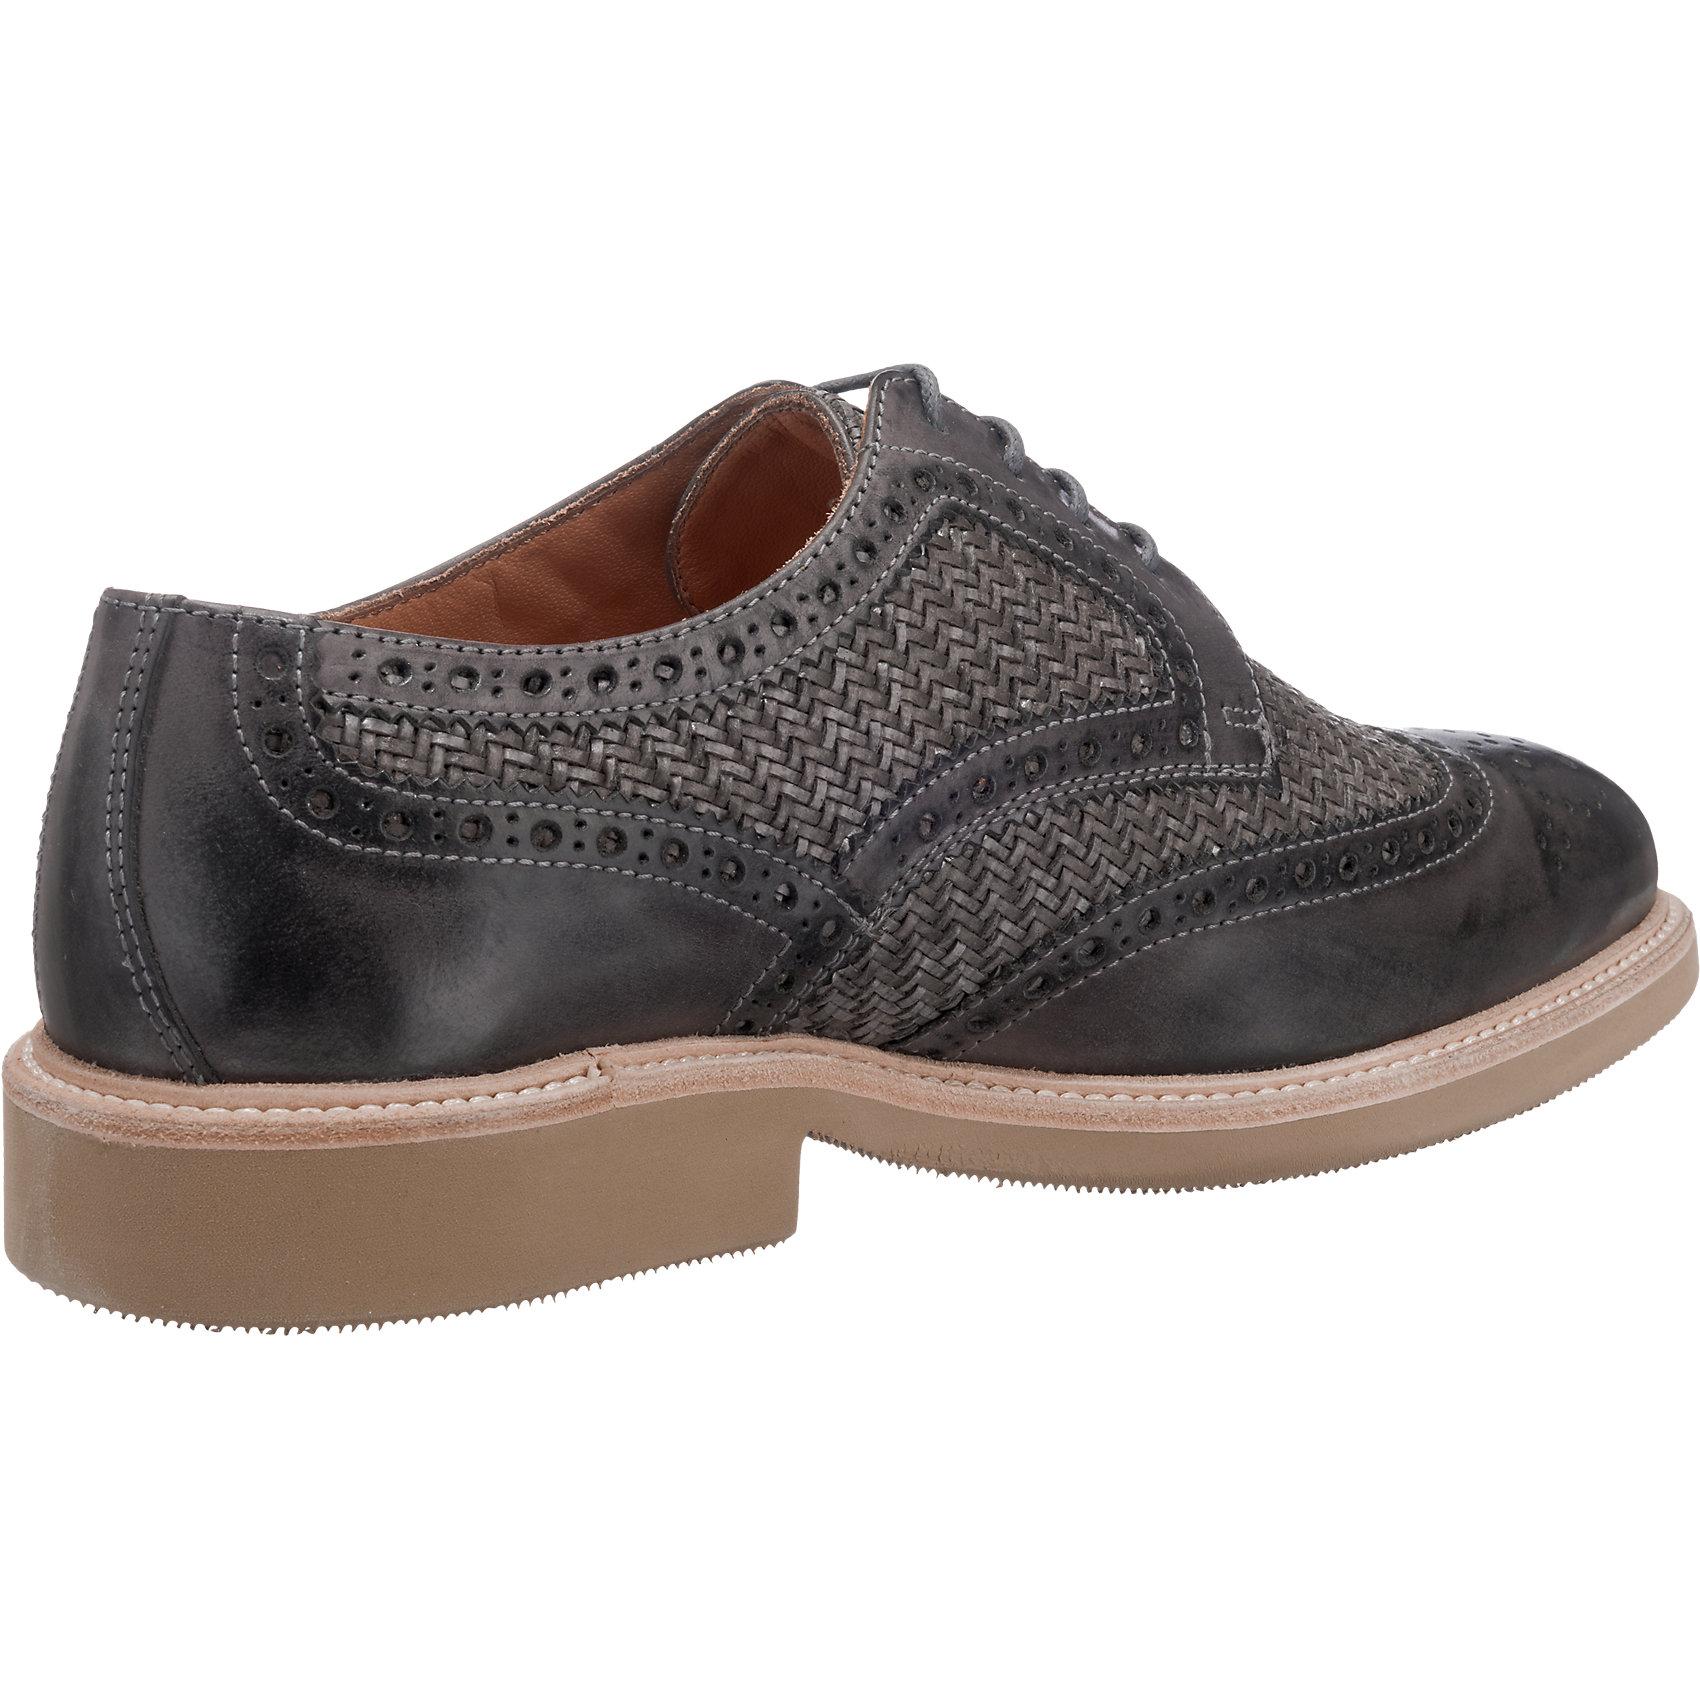 Neu Schuhe ANTICA CUOIERIA Freizeit Schuhe Neu 5770175 für Herren grau-kombi 2336f8